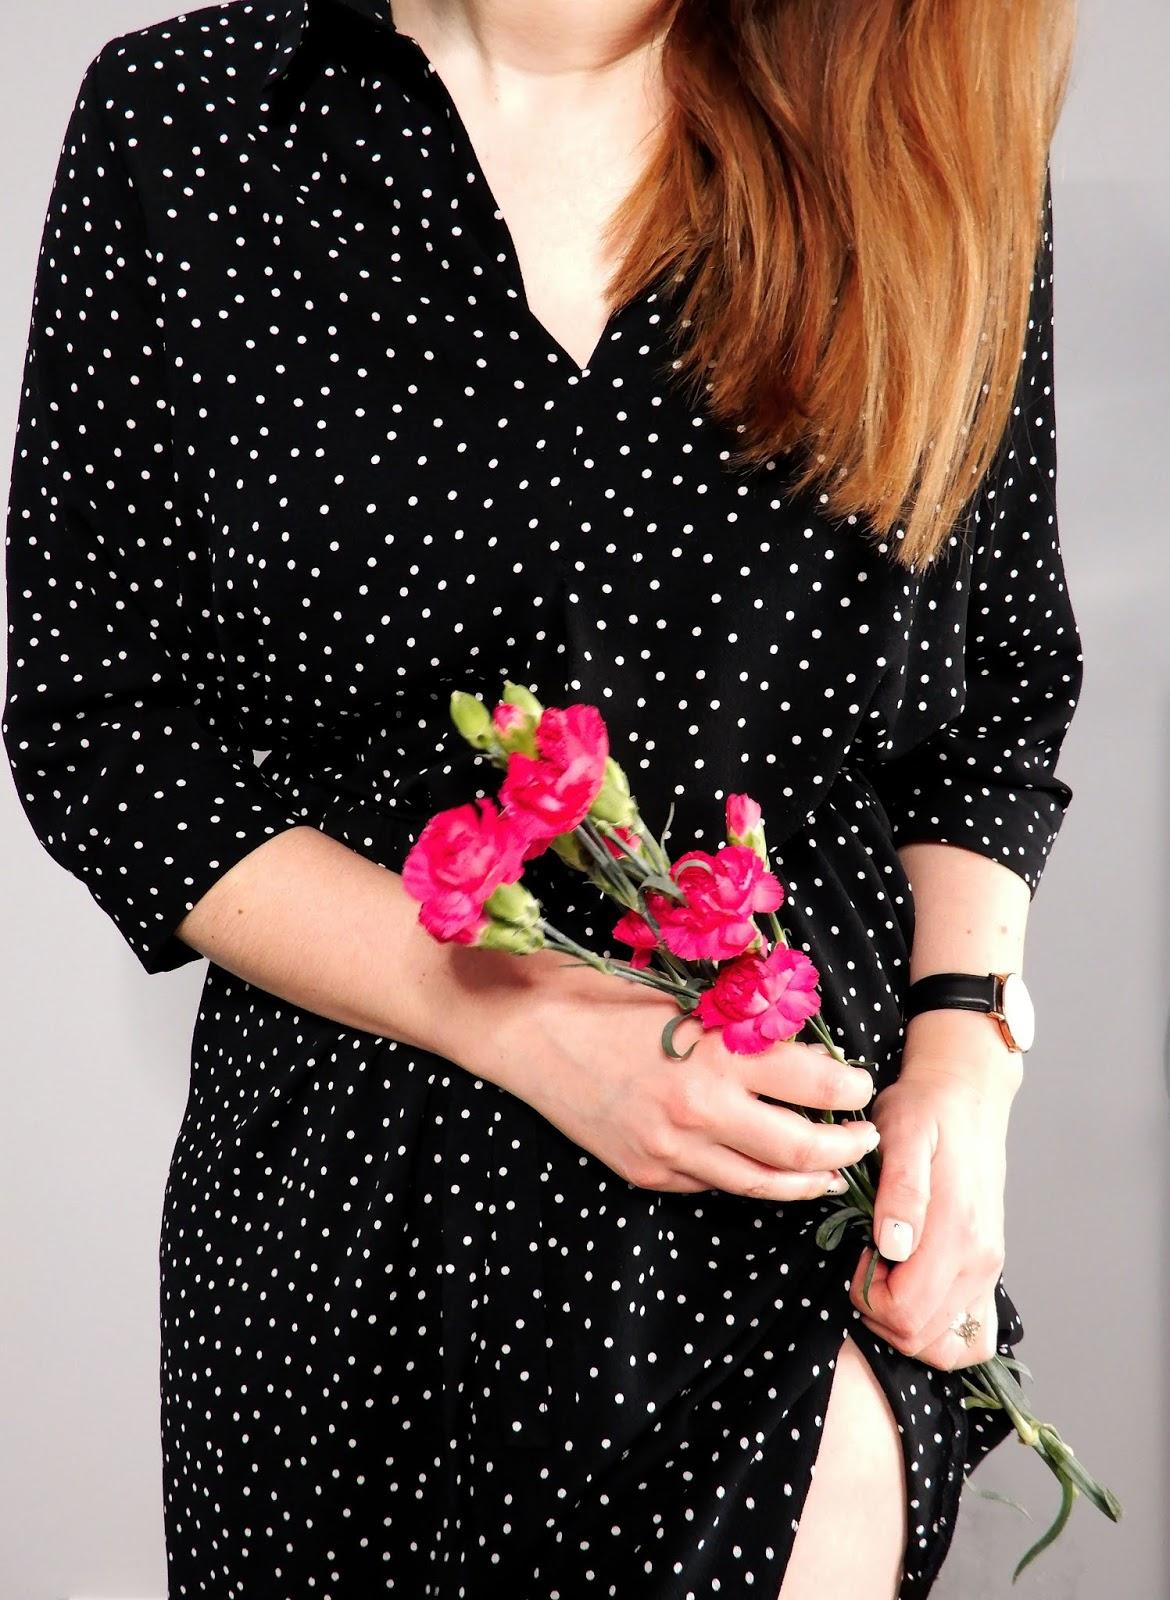 dzień kobiet 8 marca, blogerska akcja na dzień kobiet, życzenia na dzień kobiet, moja wizja kobiecości, kobiecość, sukienka w grochy, różowe goździki,dotsnails, paznokcie w kropki,